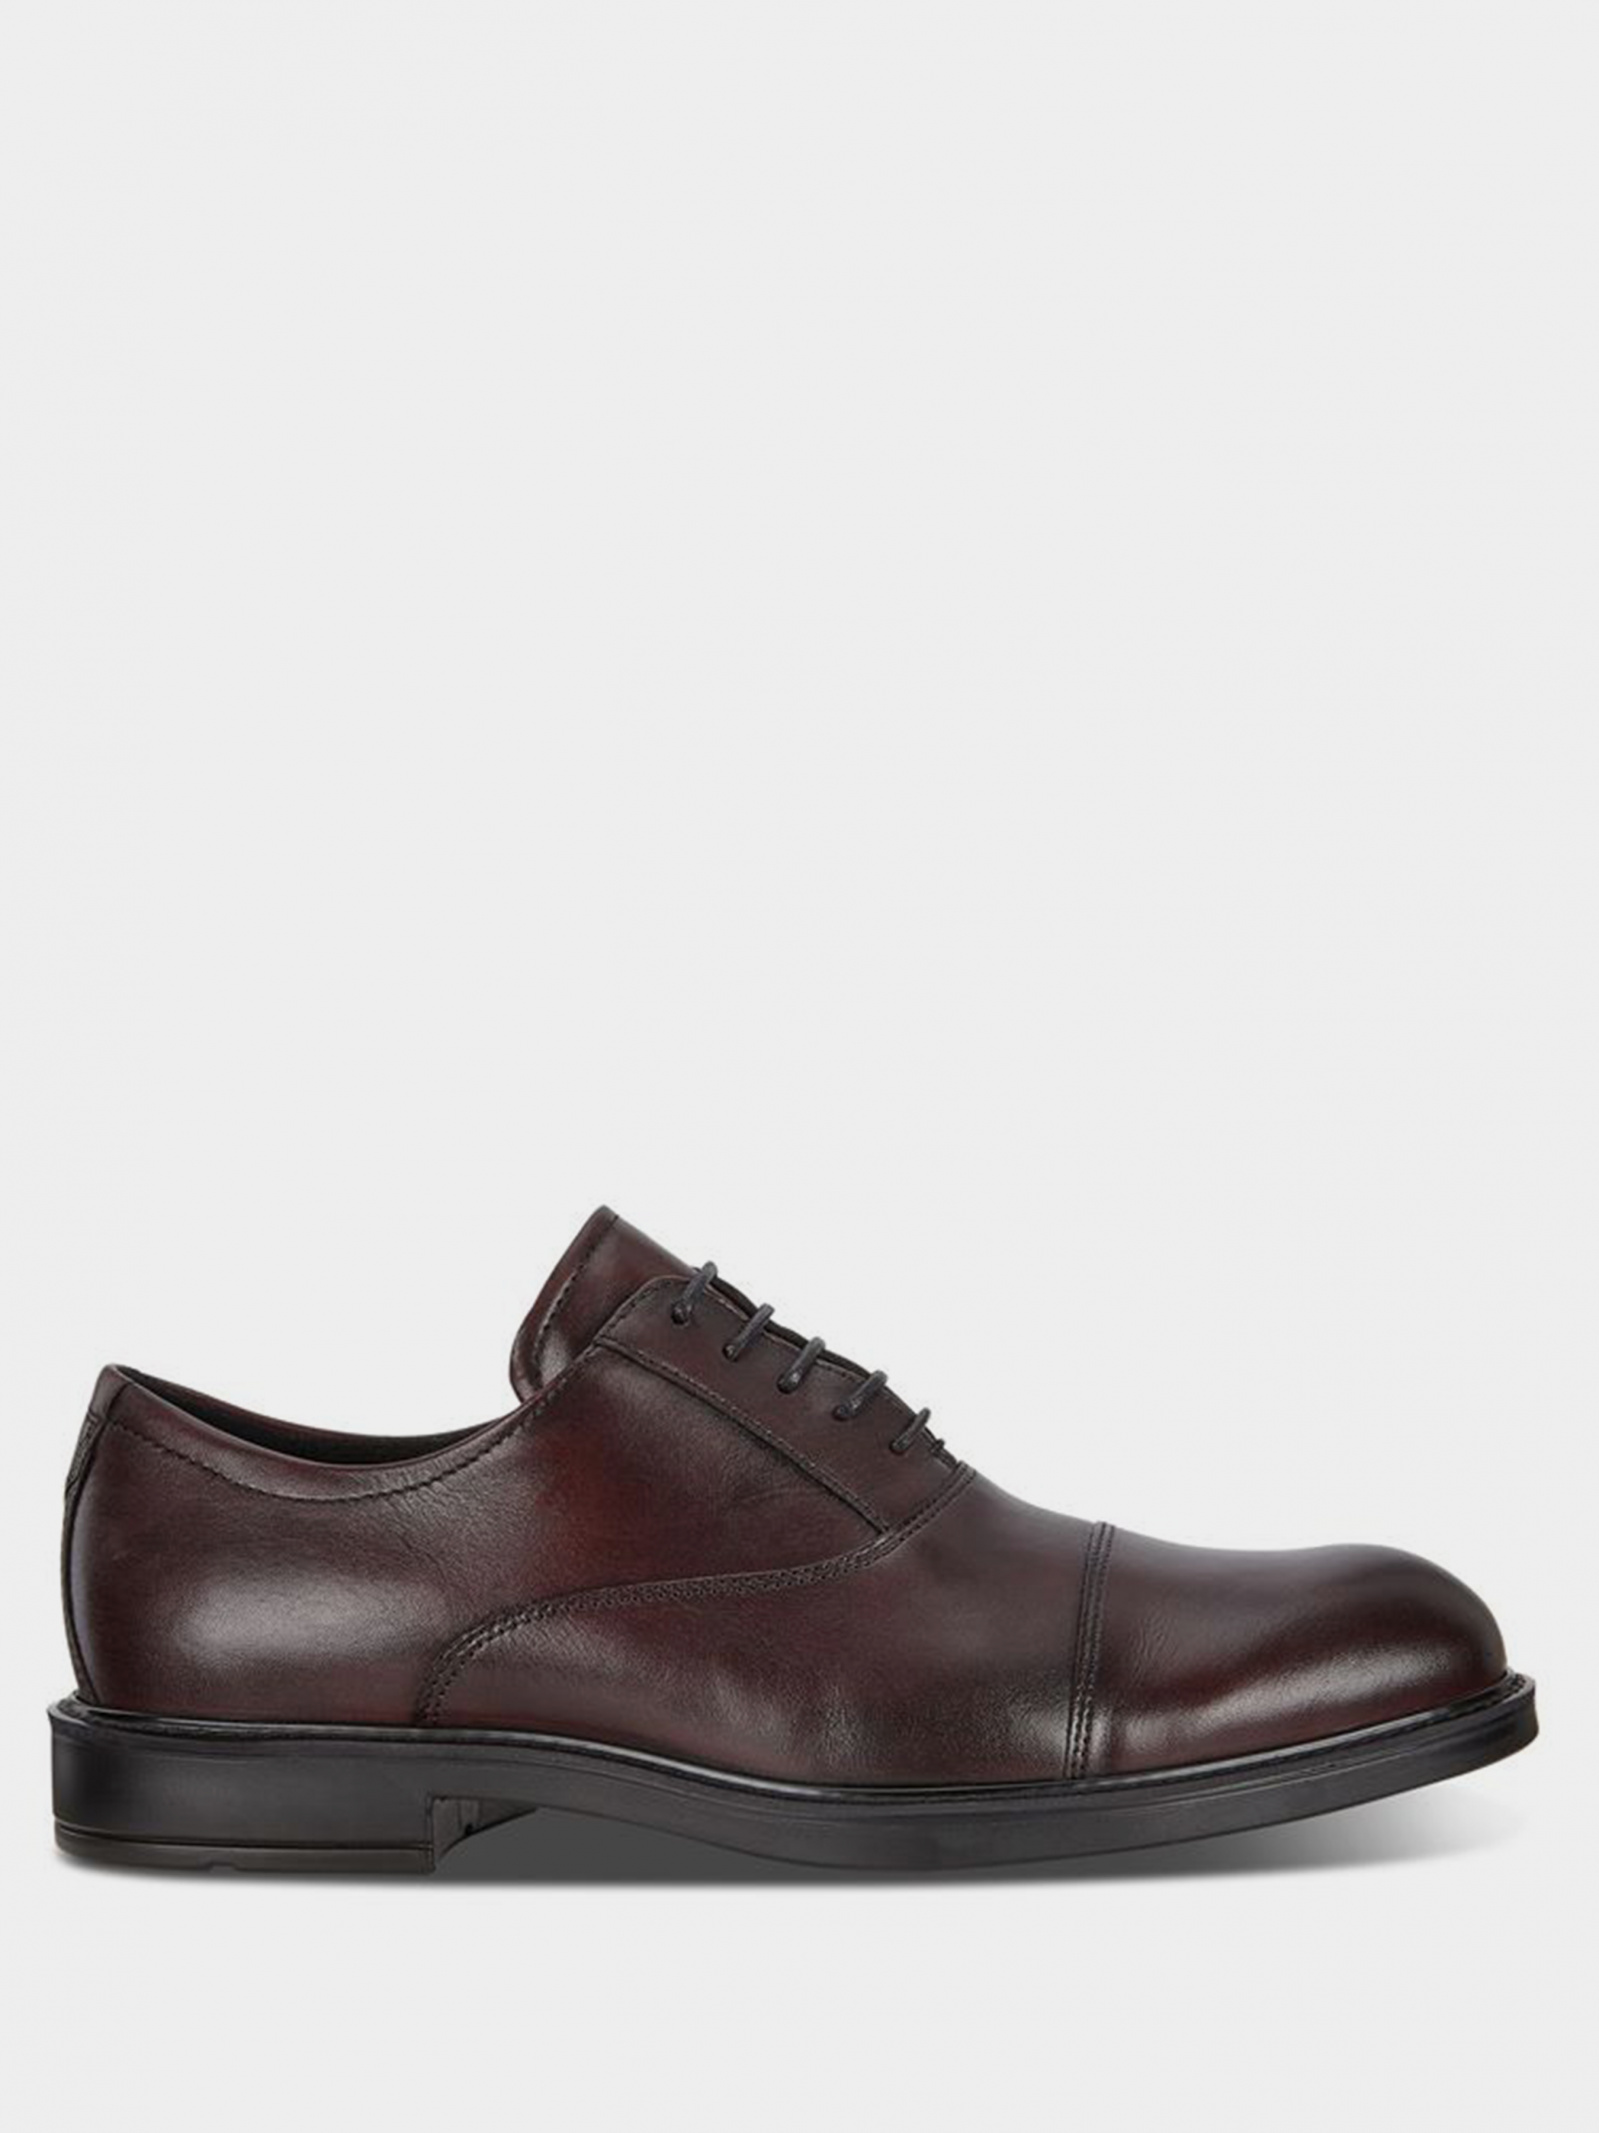 Туфлі  для чоловіків ECCO 64061401480 вартість, 2017